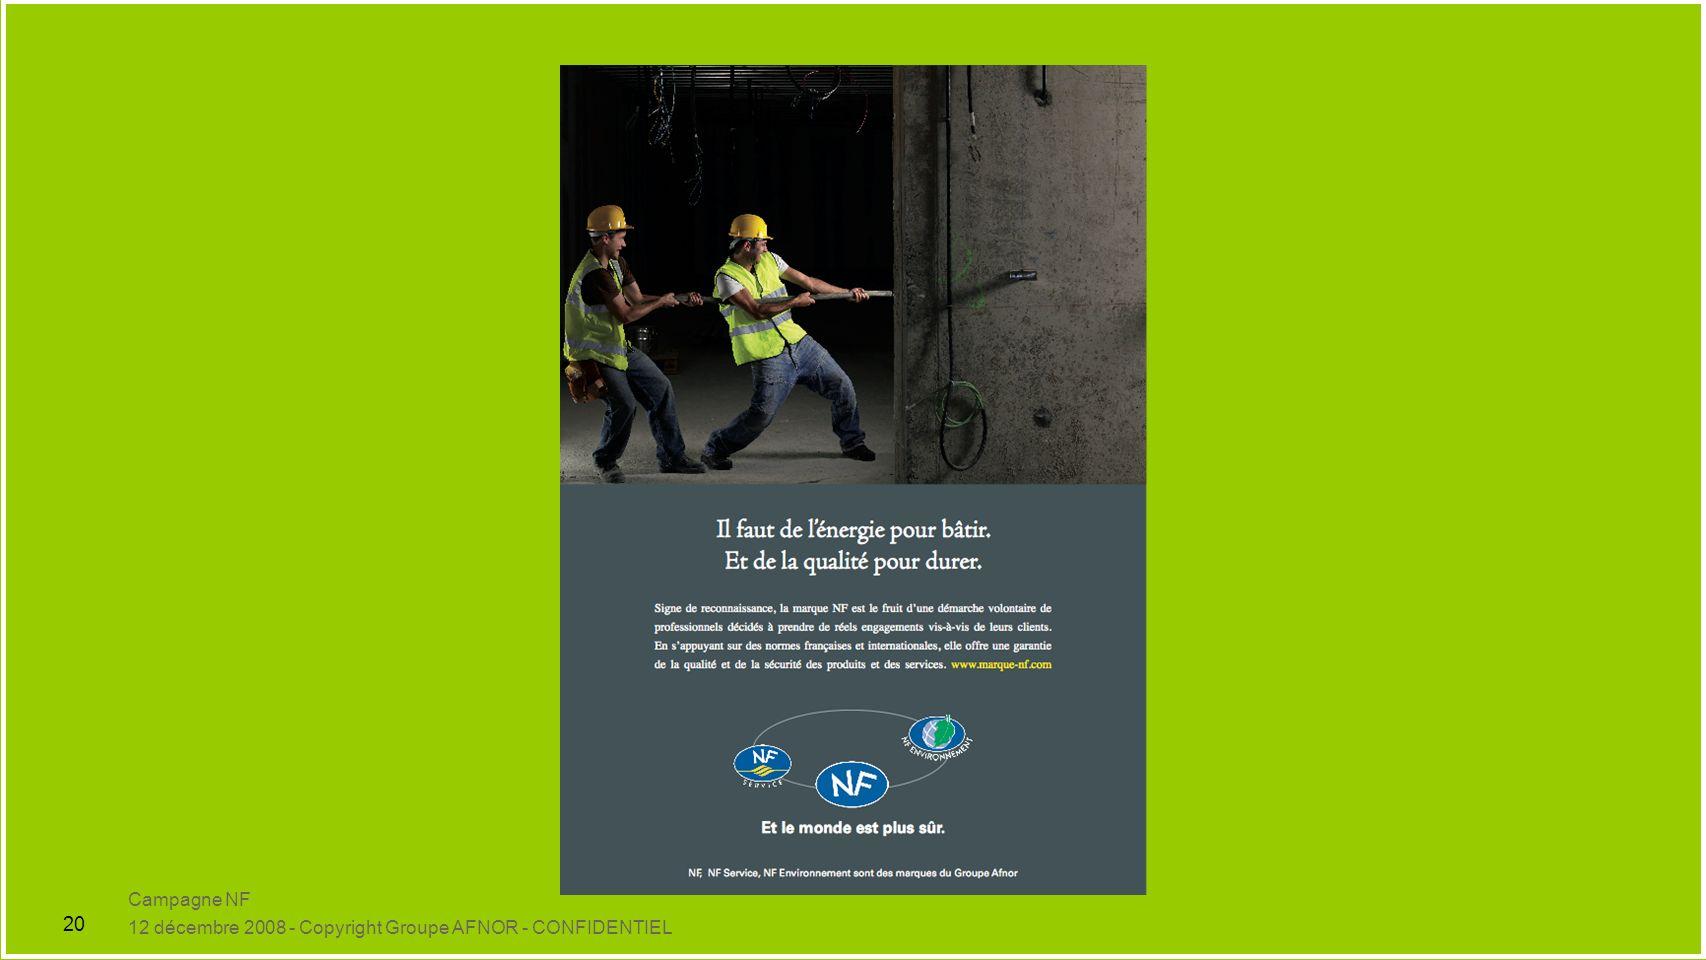 Campagne NF 12 décembre 2008 - Copyright Groupe AFNOR - CONFIDENTIEL 20